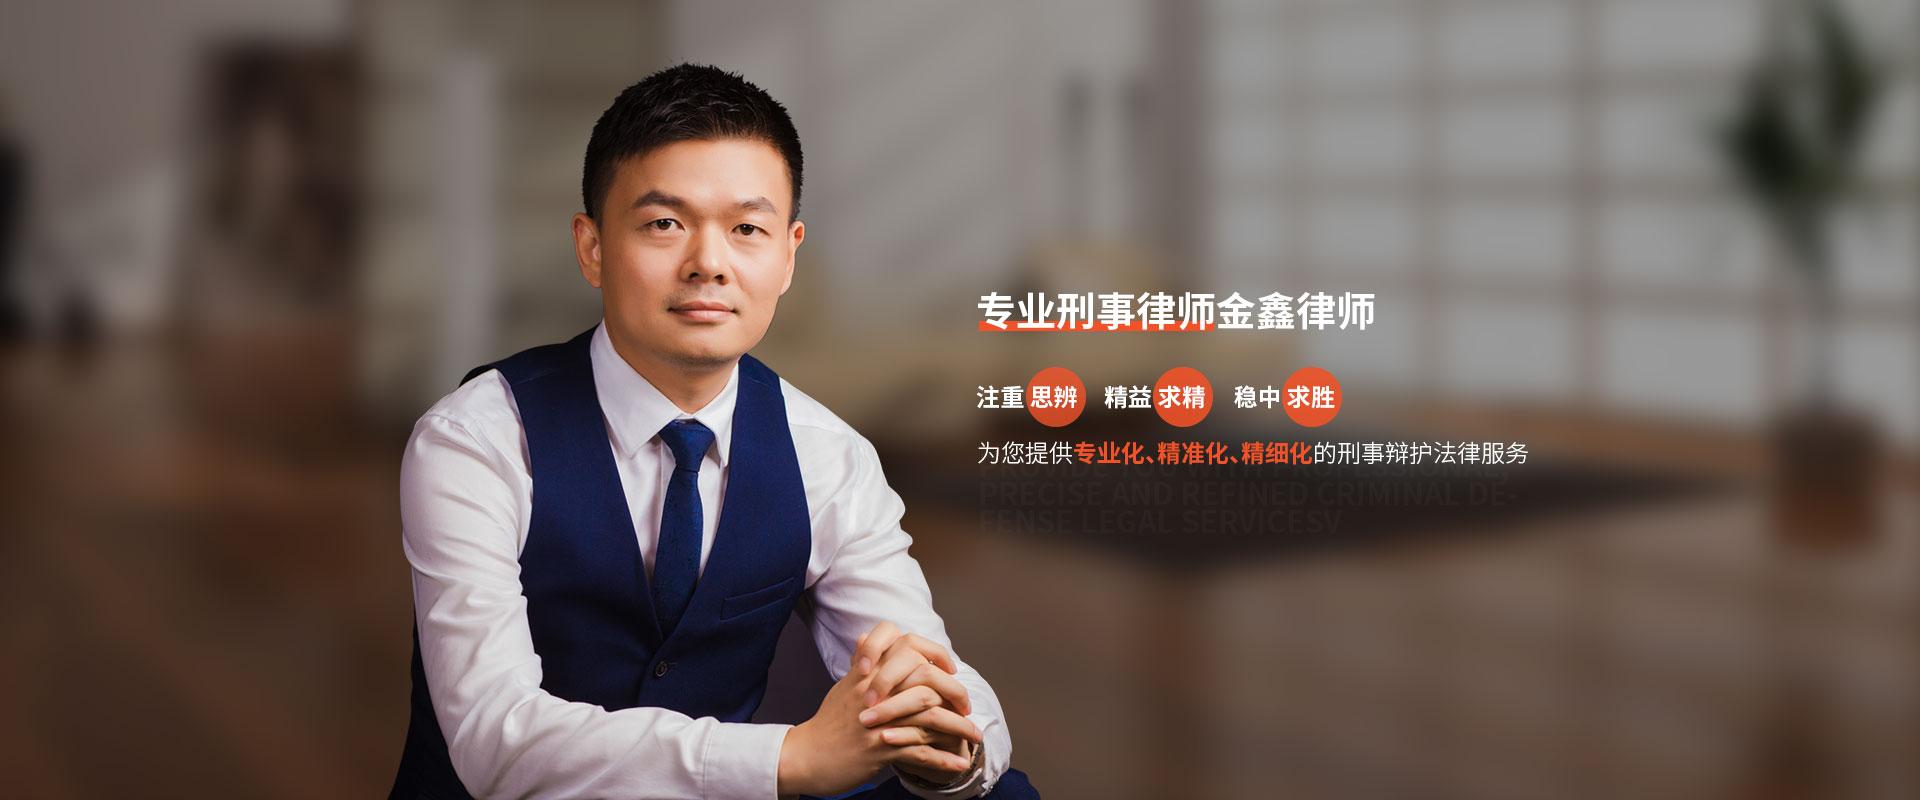 广州律师会见律师